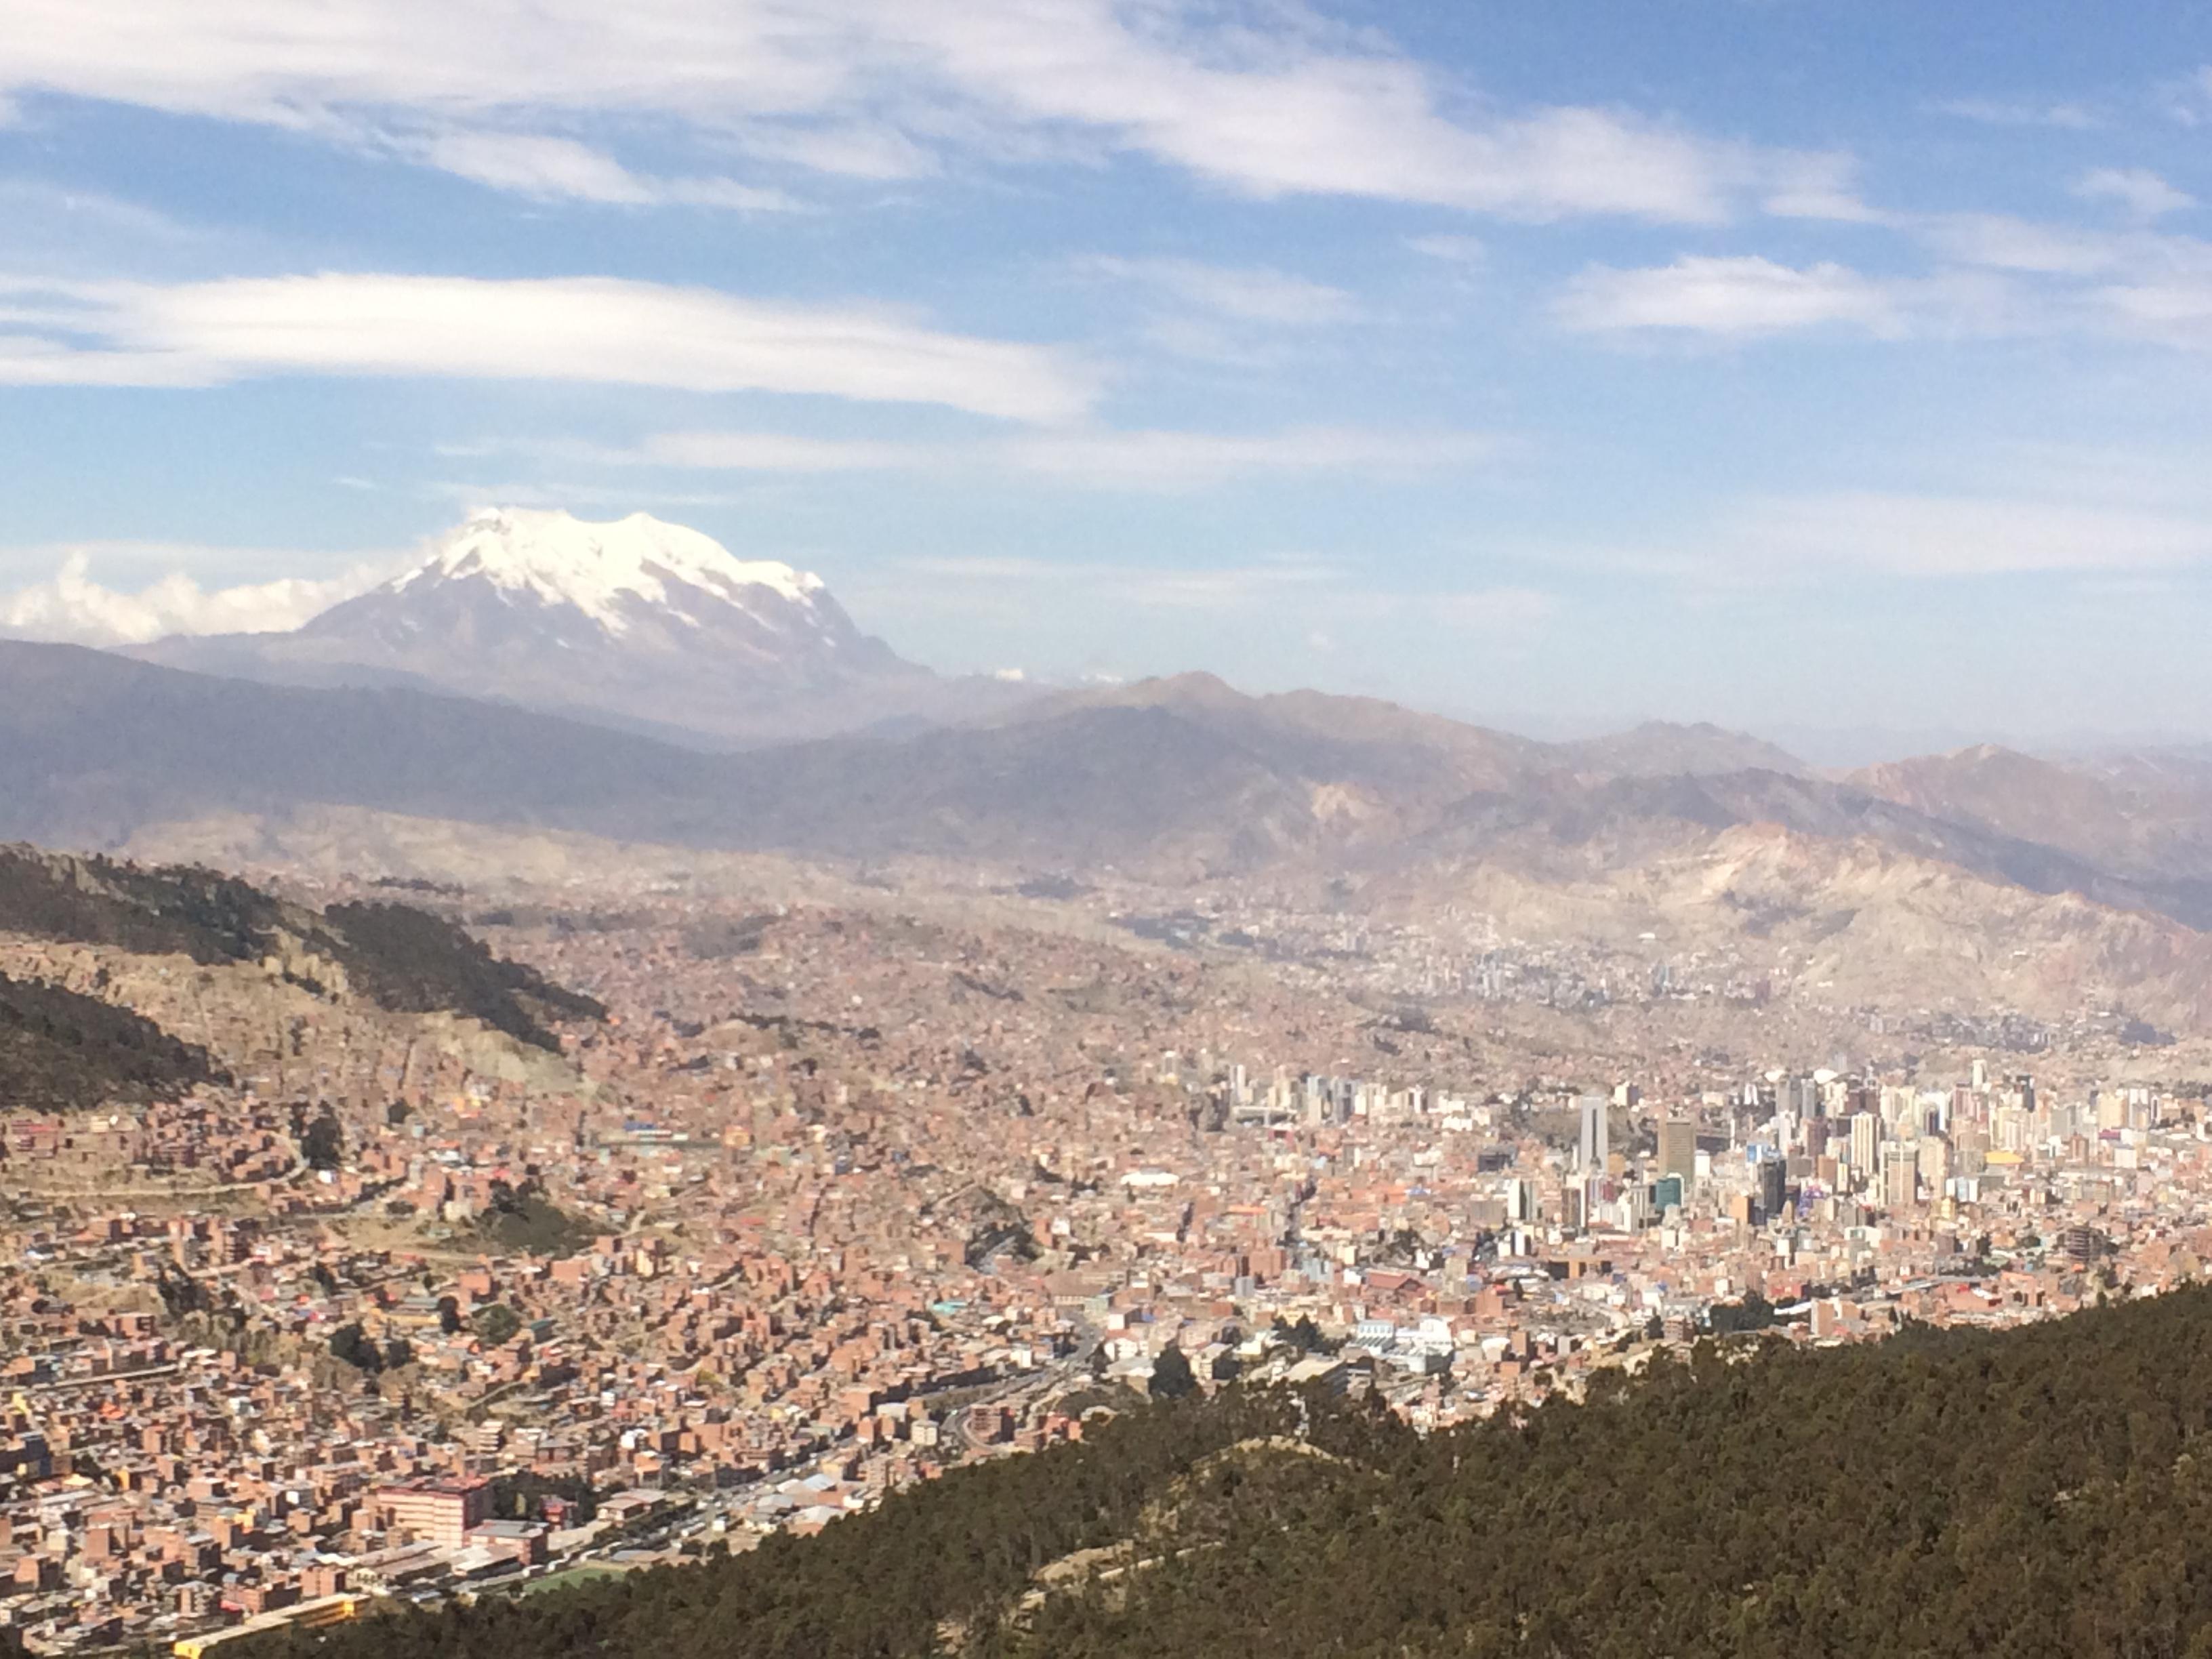 Looking at Illimani from La Paz (Giorgio Zannini)